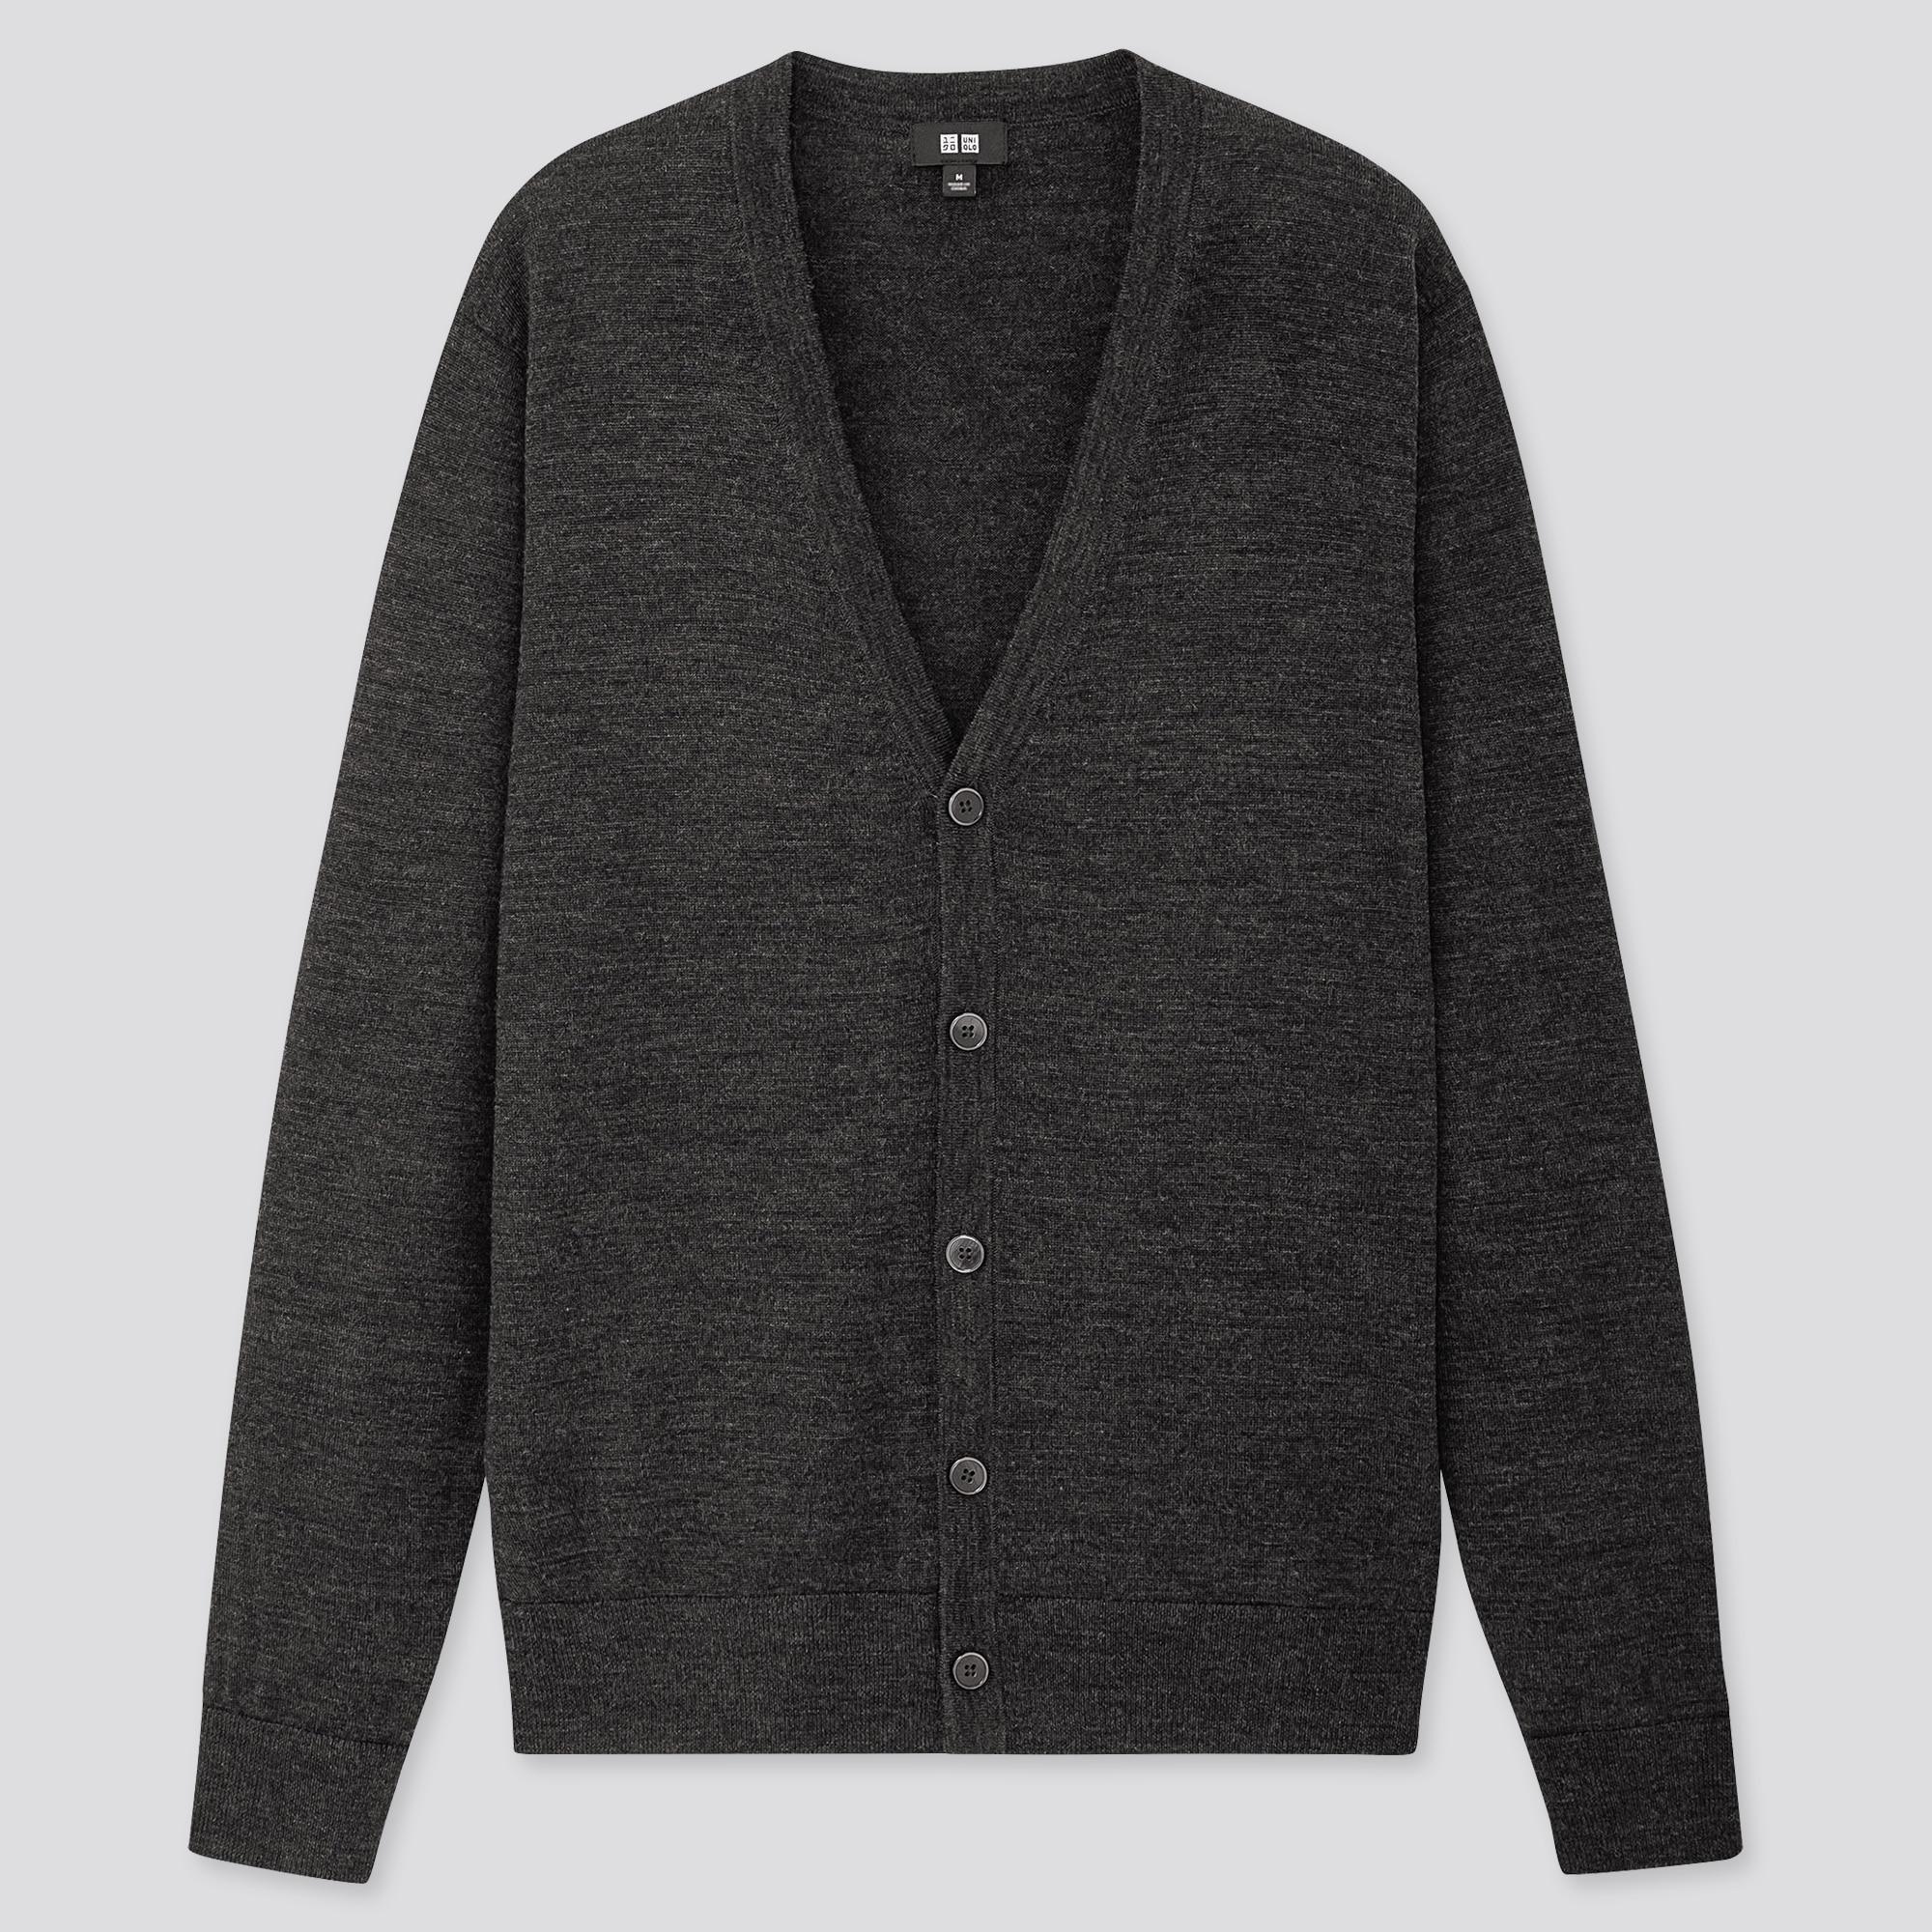 Men 100% Extra Fine Merino Wool V Neck Cardigan